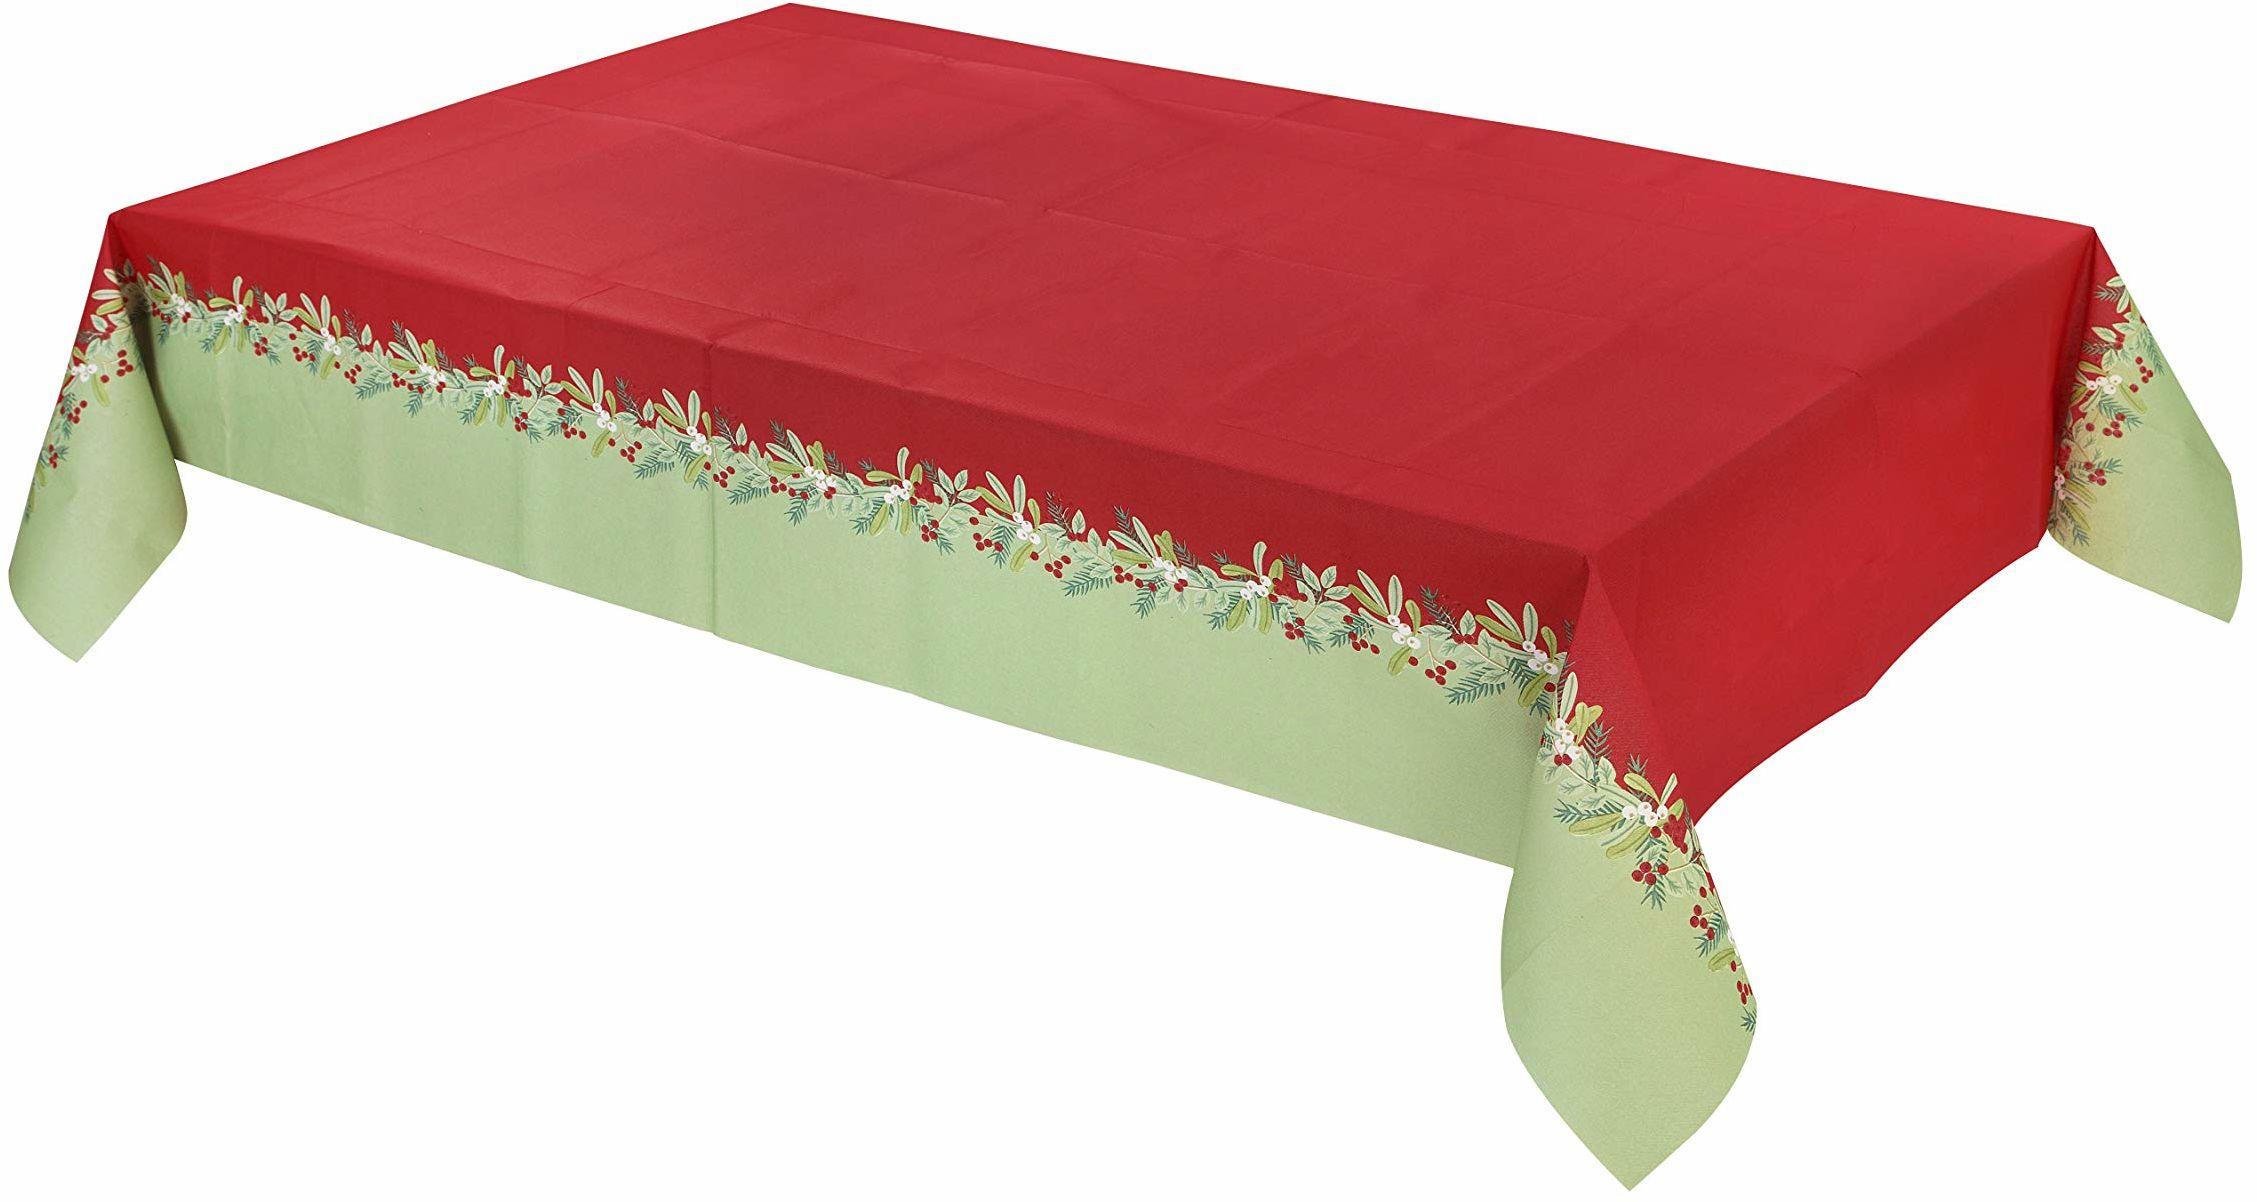 Rozmawiające stoły Boże Narodzenie dekoracje na przyjęcie papierowy obrus obrus pokrowiec botaniczny jagody jednorazowy, 180 x 120 cm, czerwony zielony